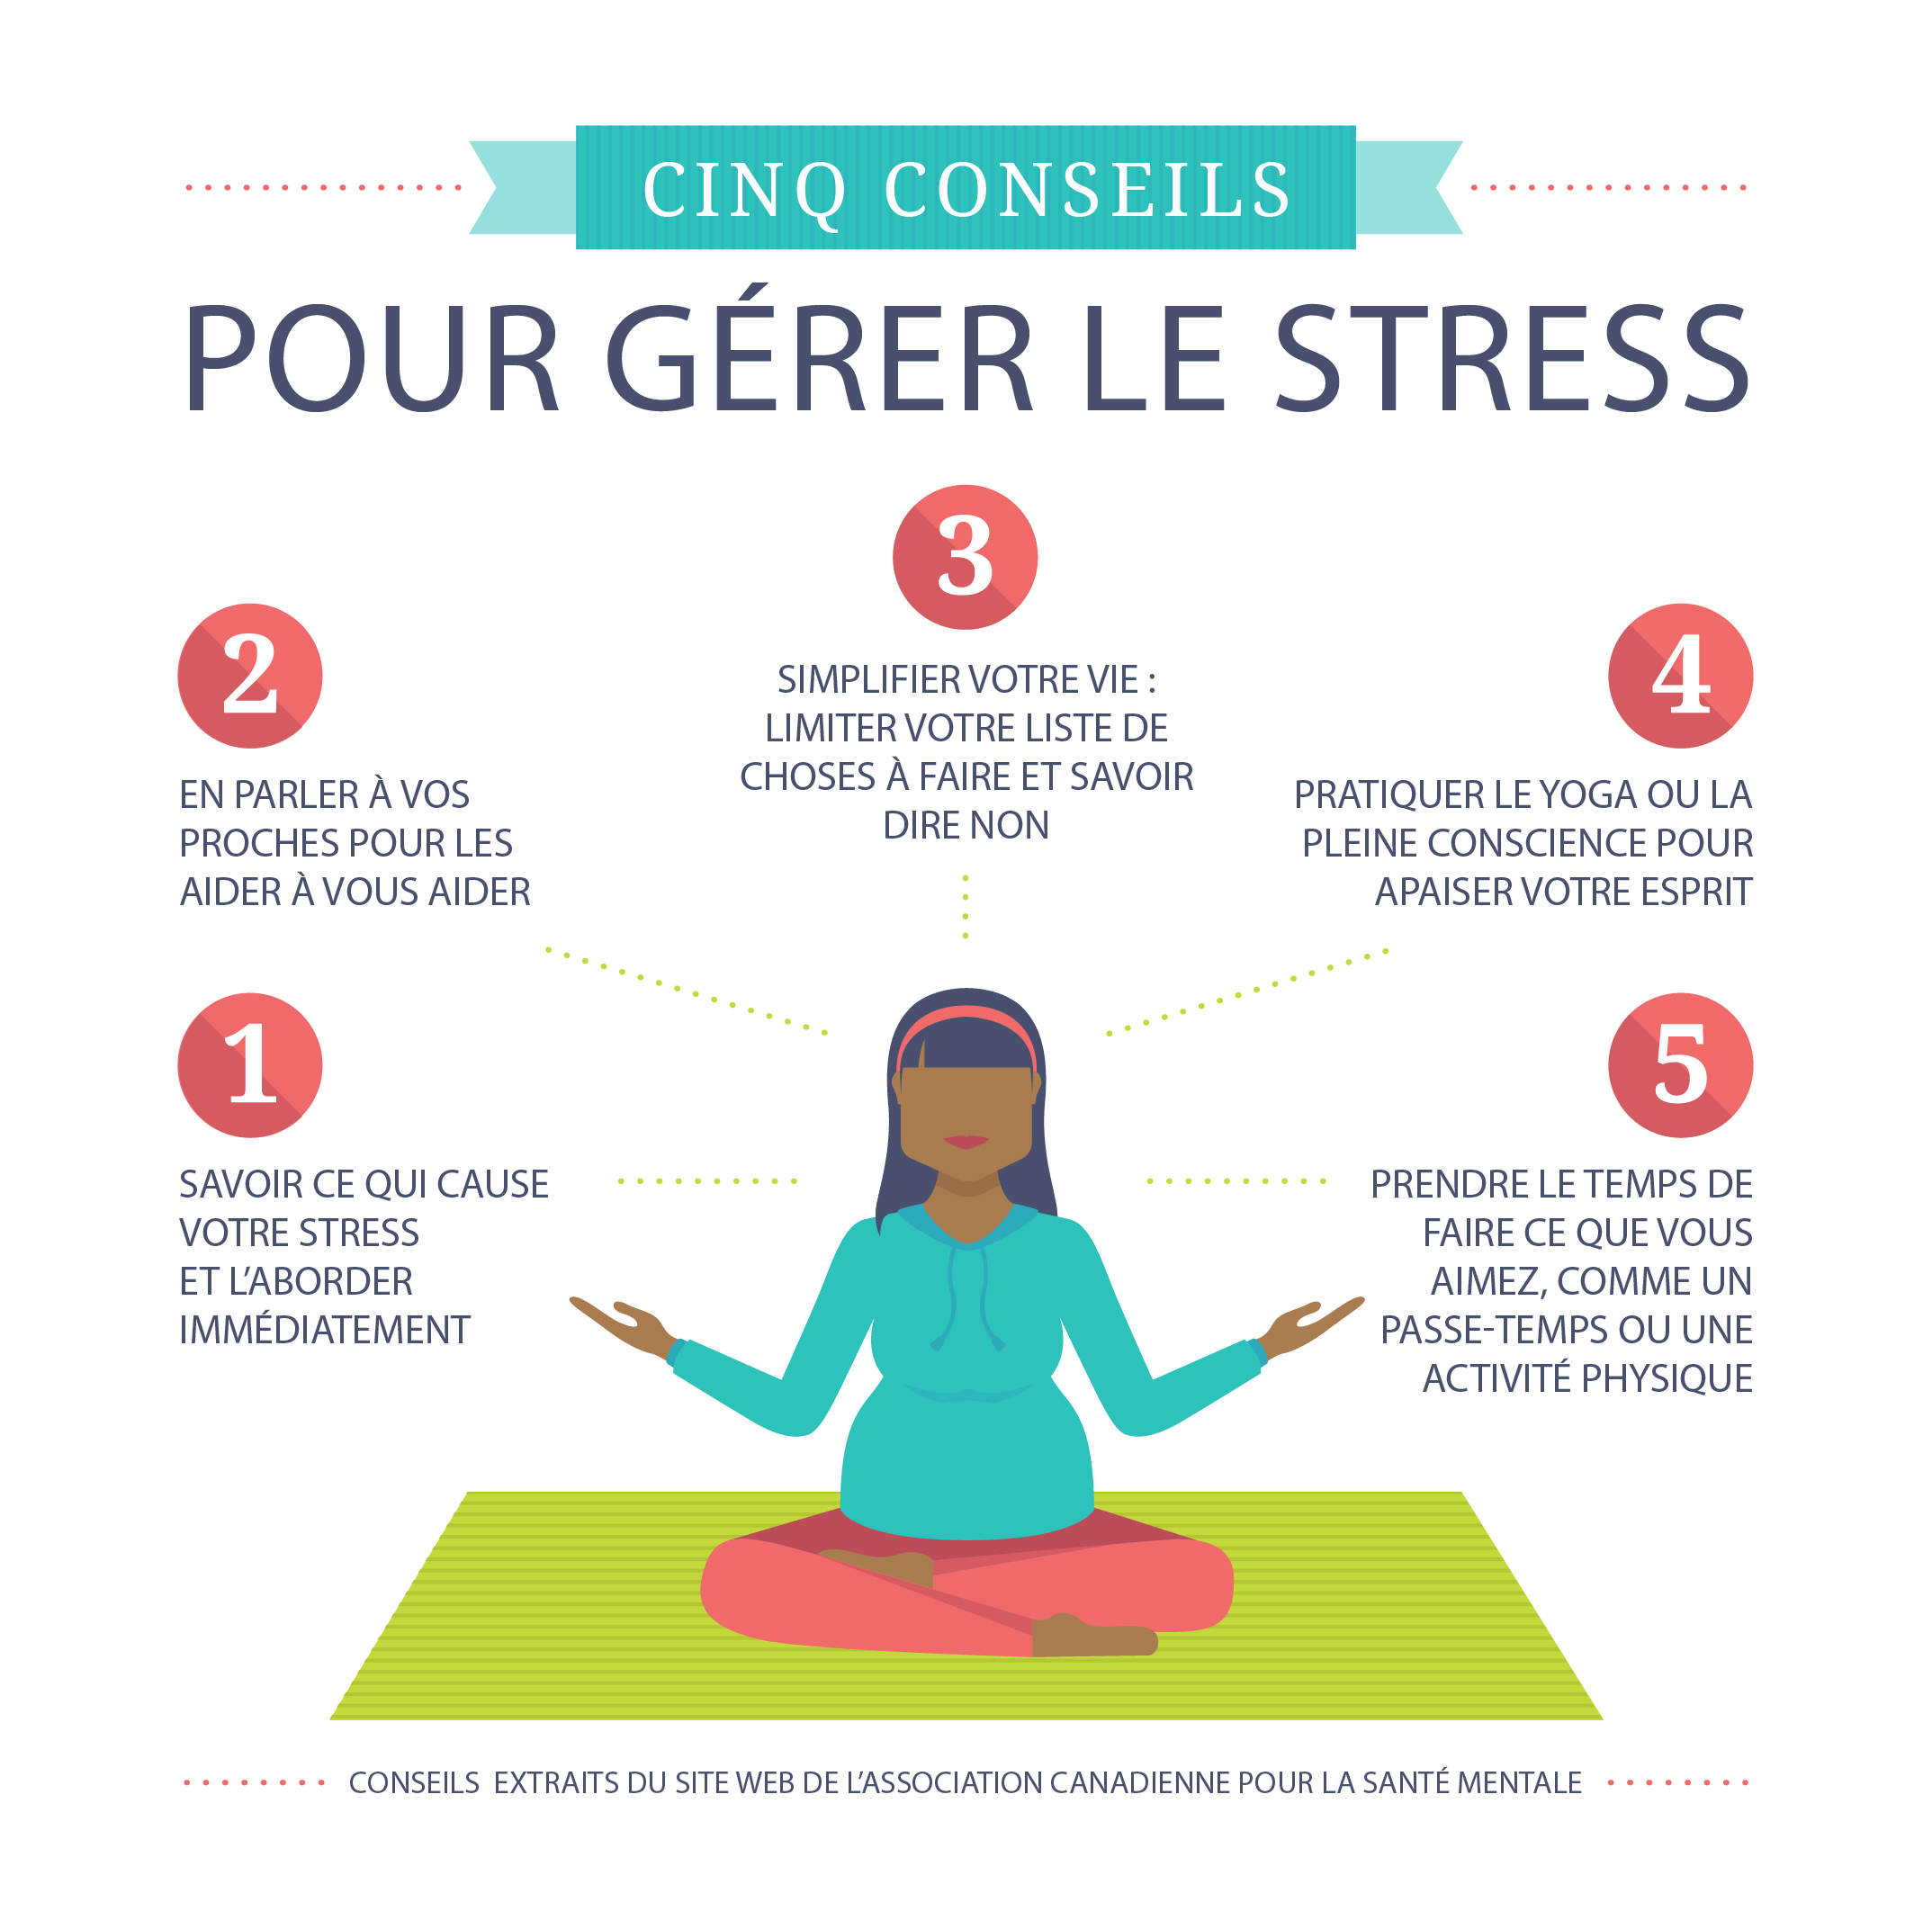 limiter votre liste de choses à faire et apprendre à dire non. Pratiquer le yoga ou la méditation. Prendre le temps de faire ce que vous aimez.